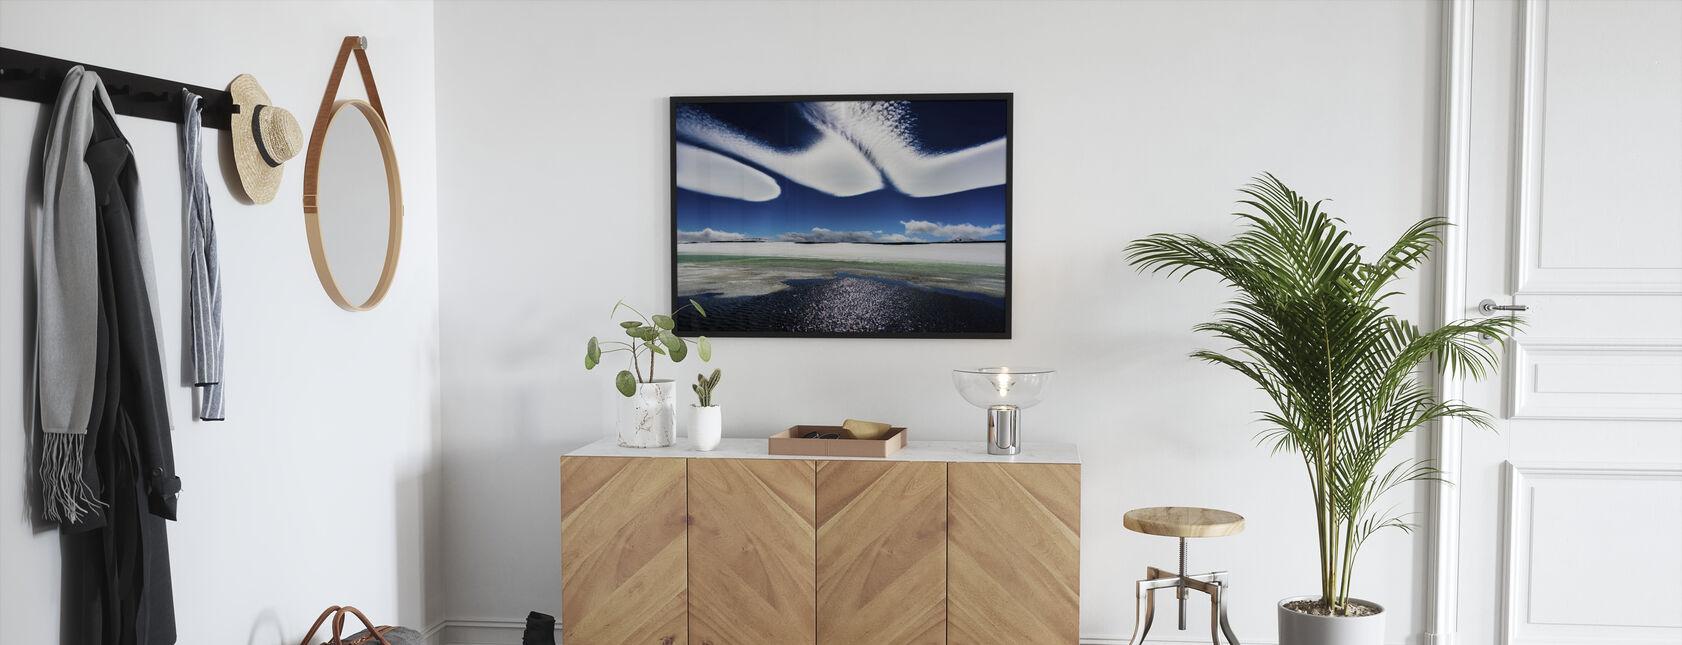 Islandske skyer - Indrammet billede - Entré